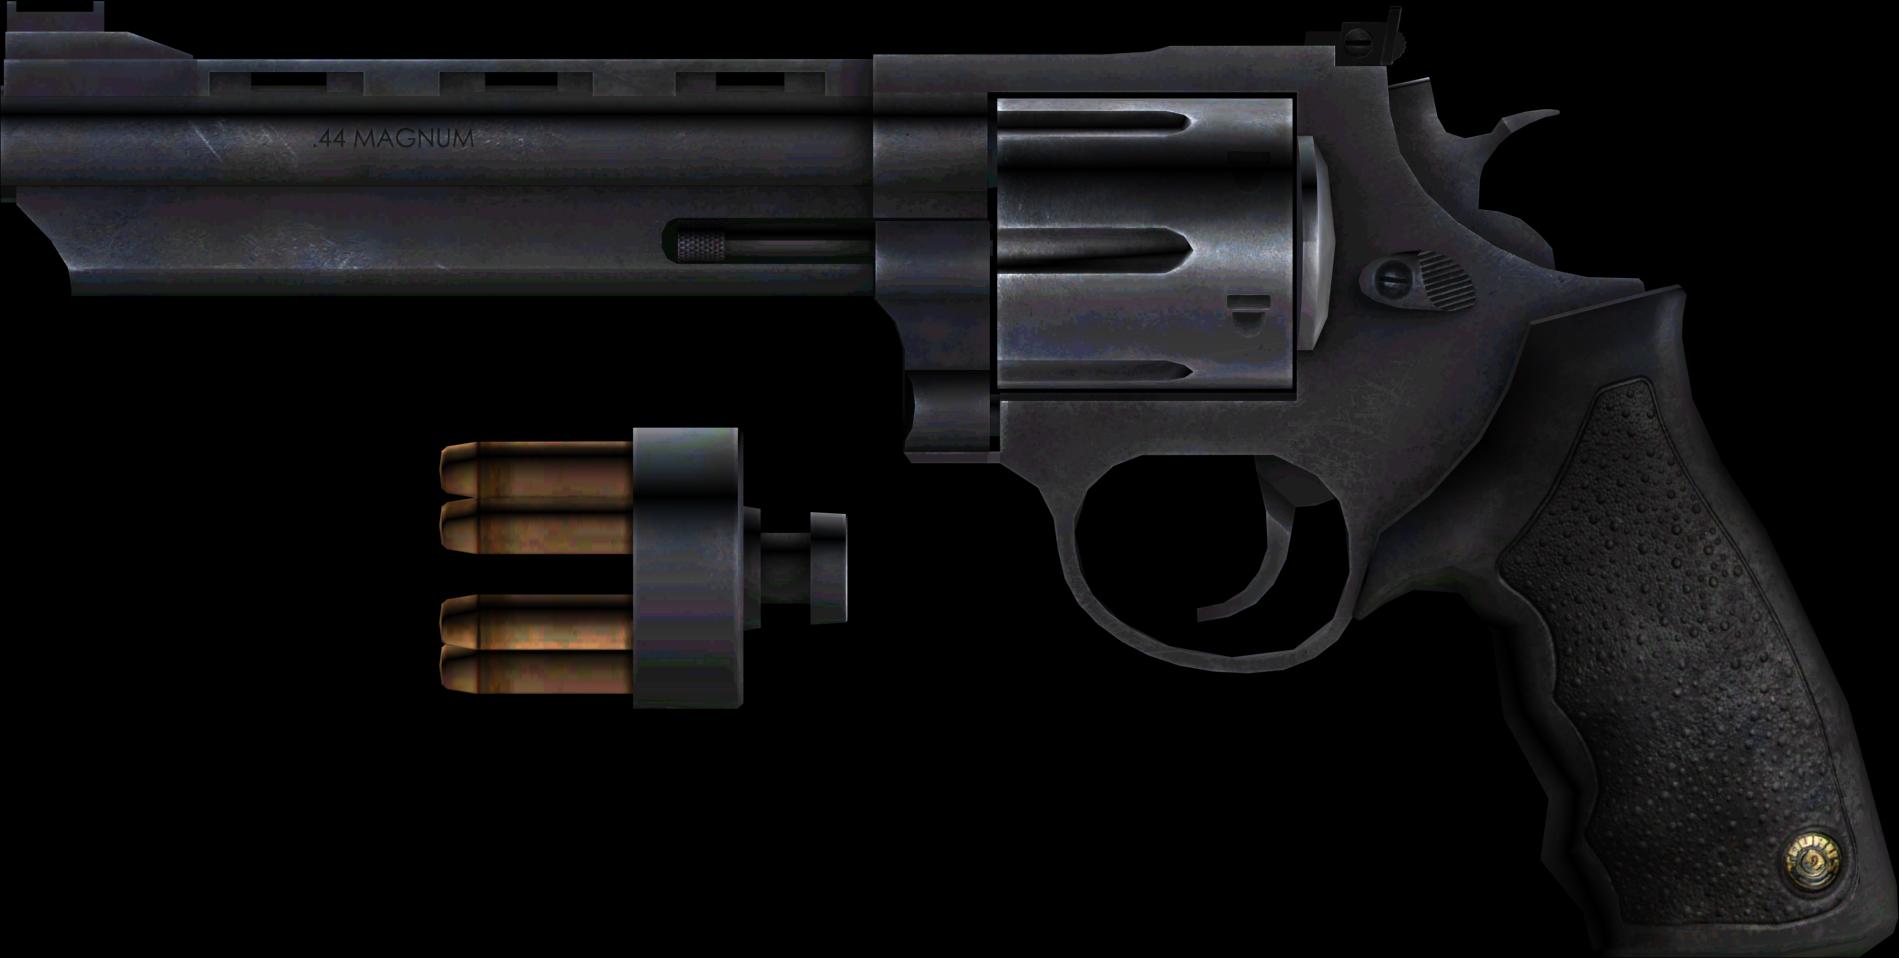 Image -  44 Magn....44 Magnum